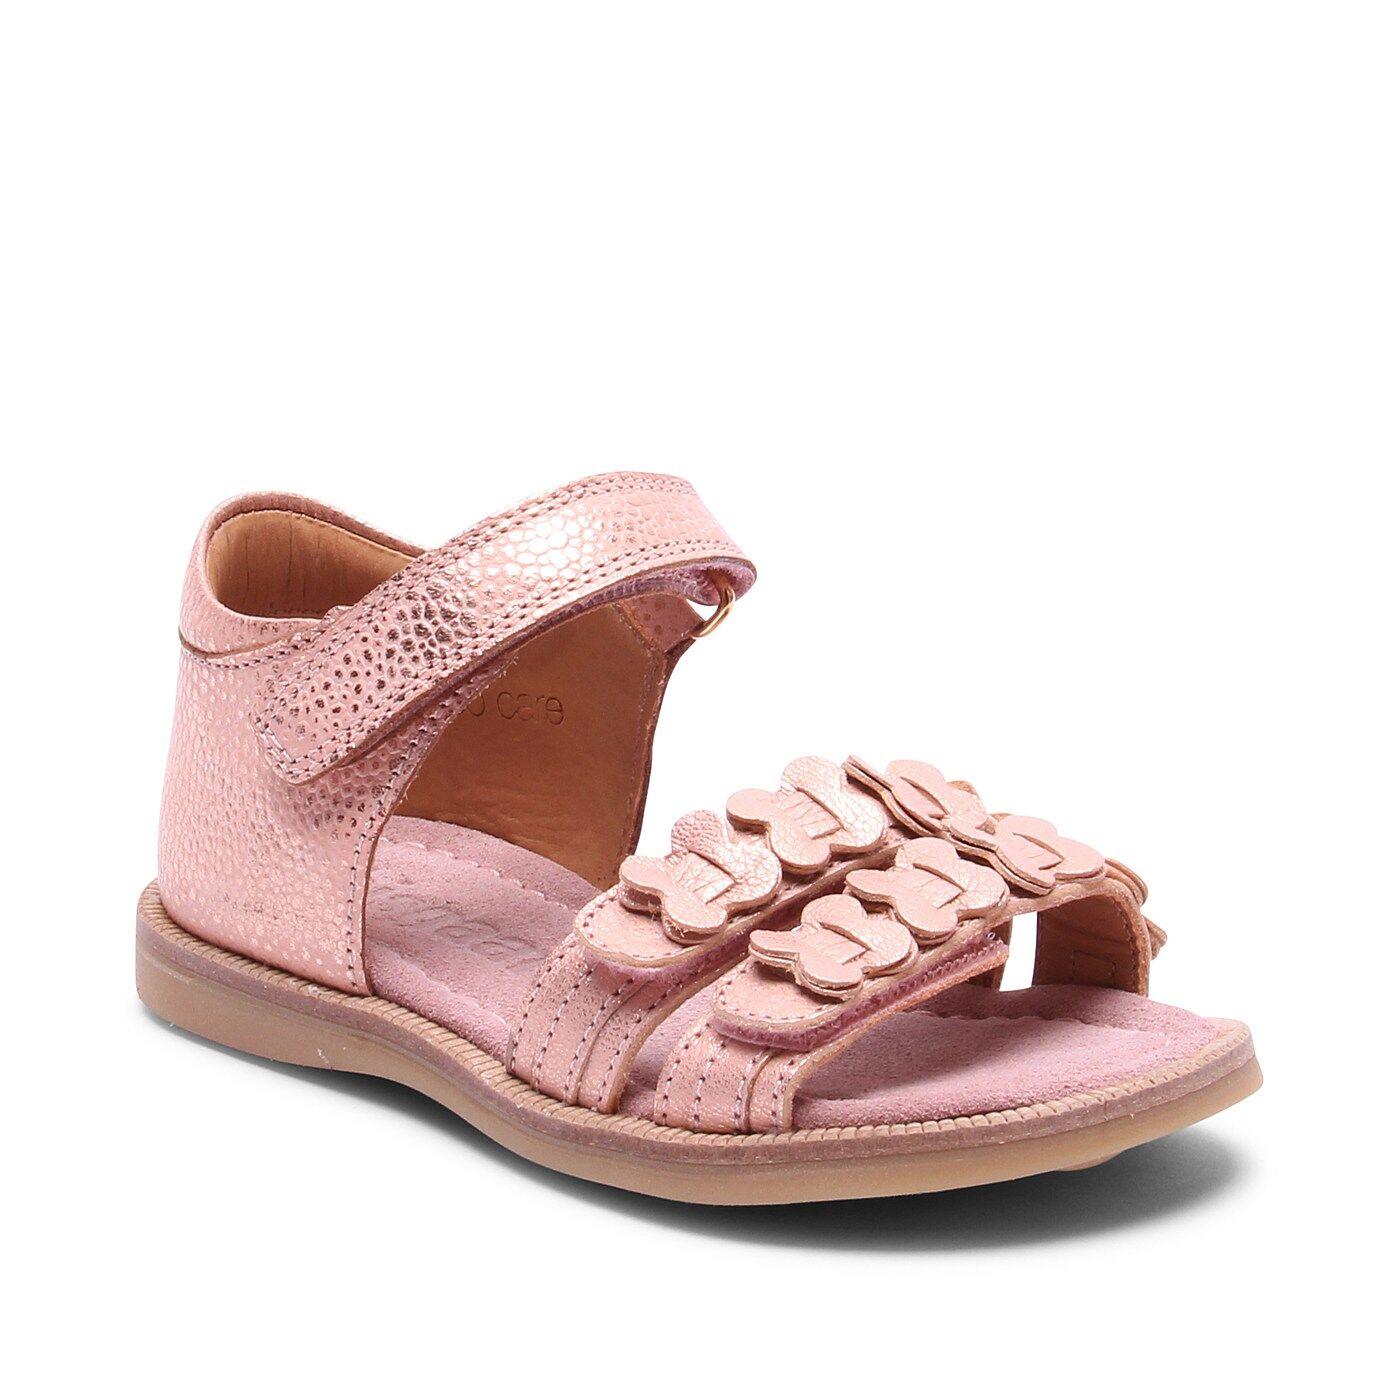 Bisgaard 70271119 sandal